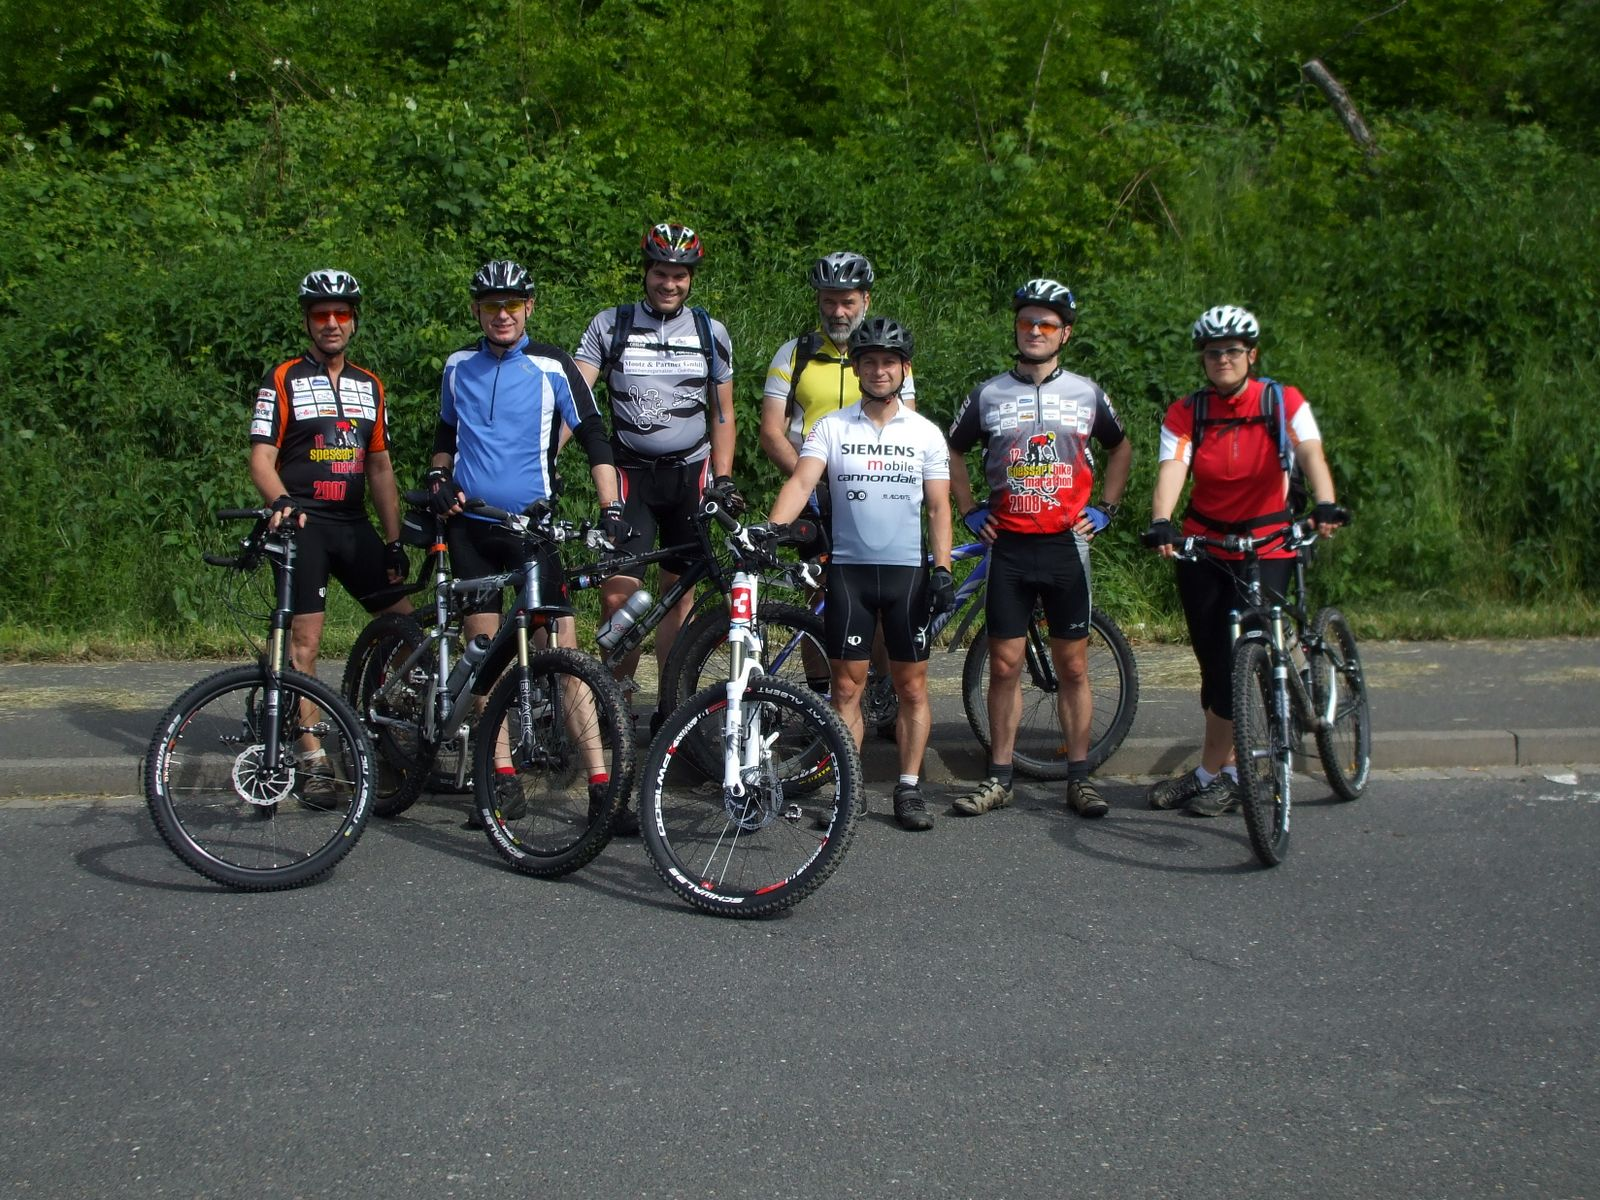 Spessart-Biker Tour am 17.05.2009